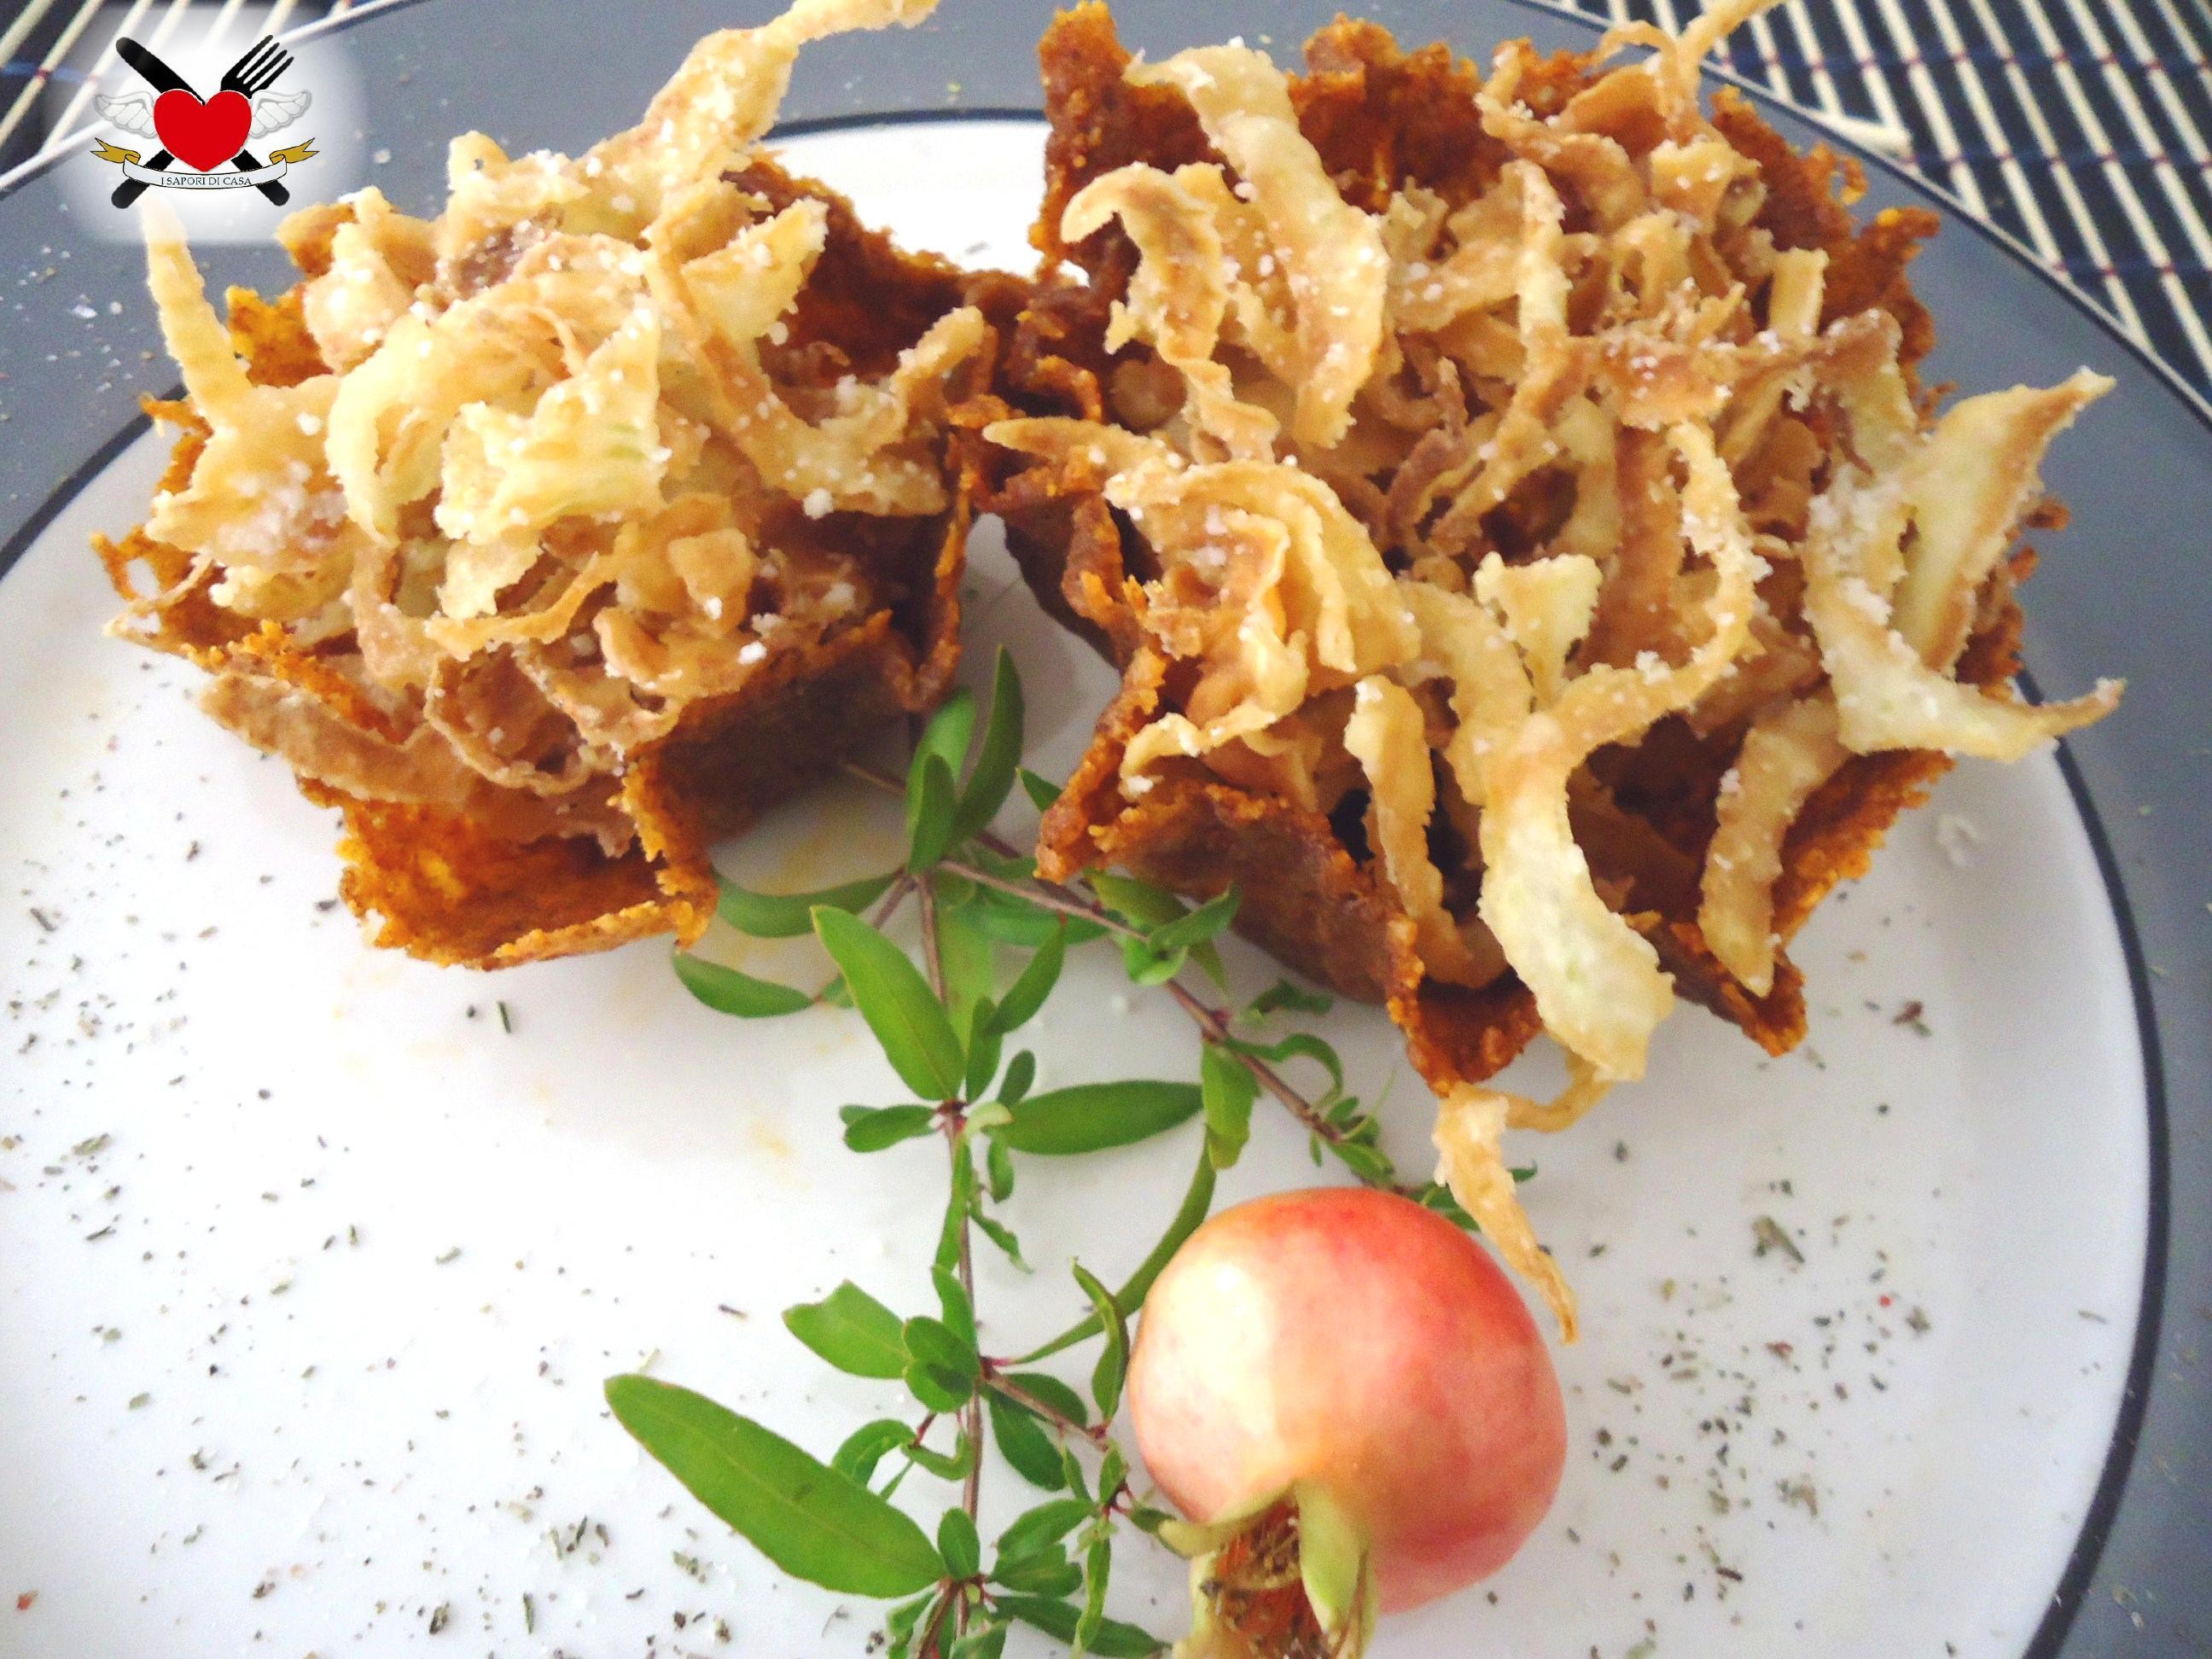 Finocchi croccanti al pecorino romano - ricetta finger food economica